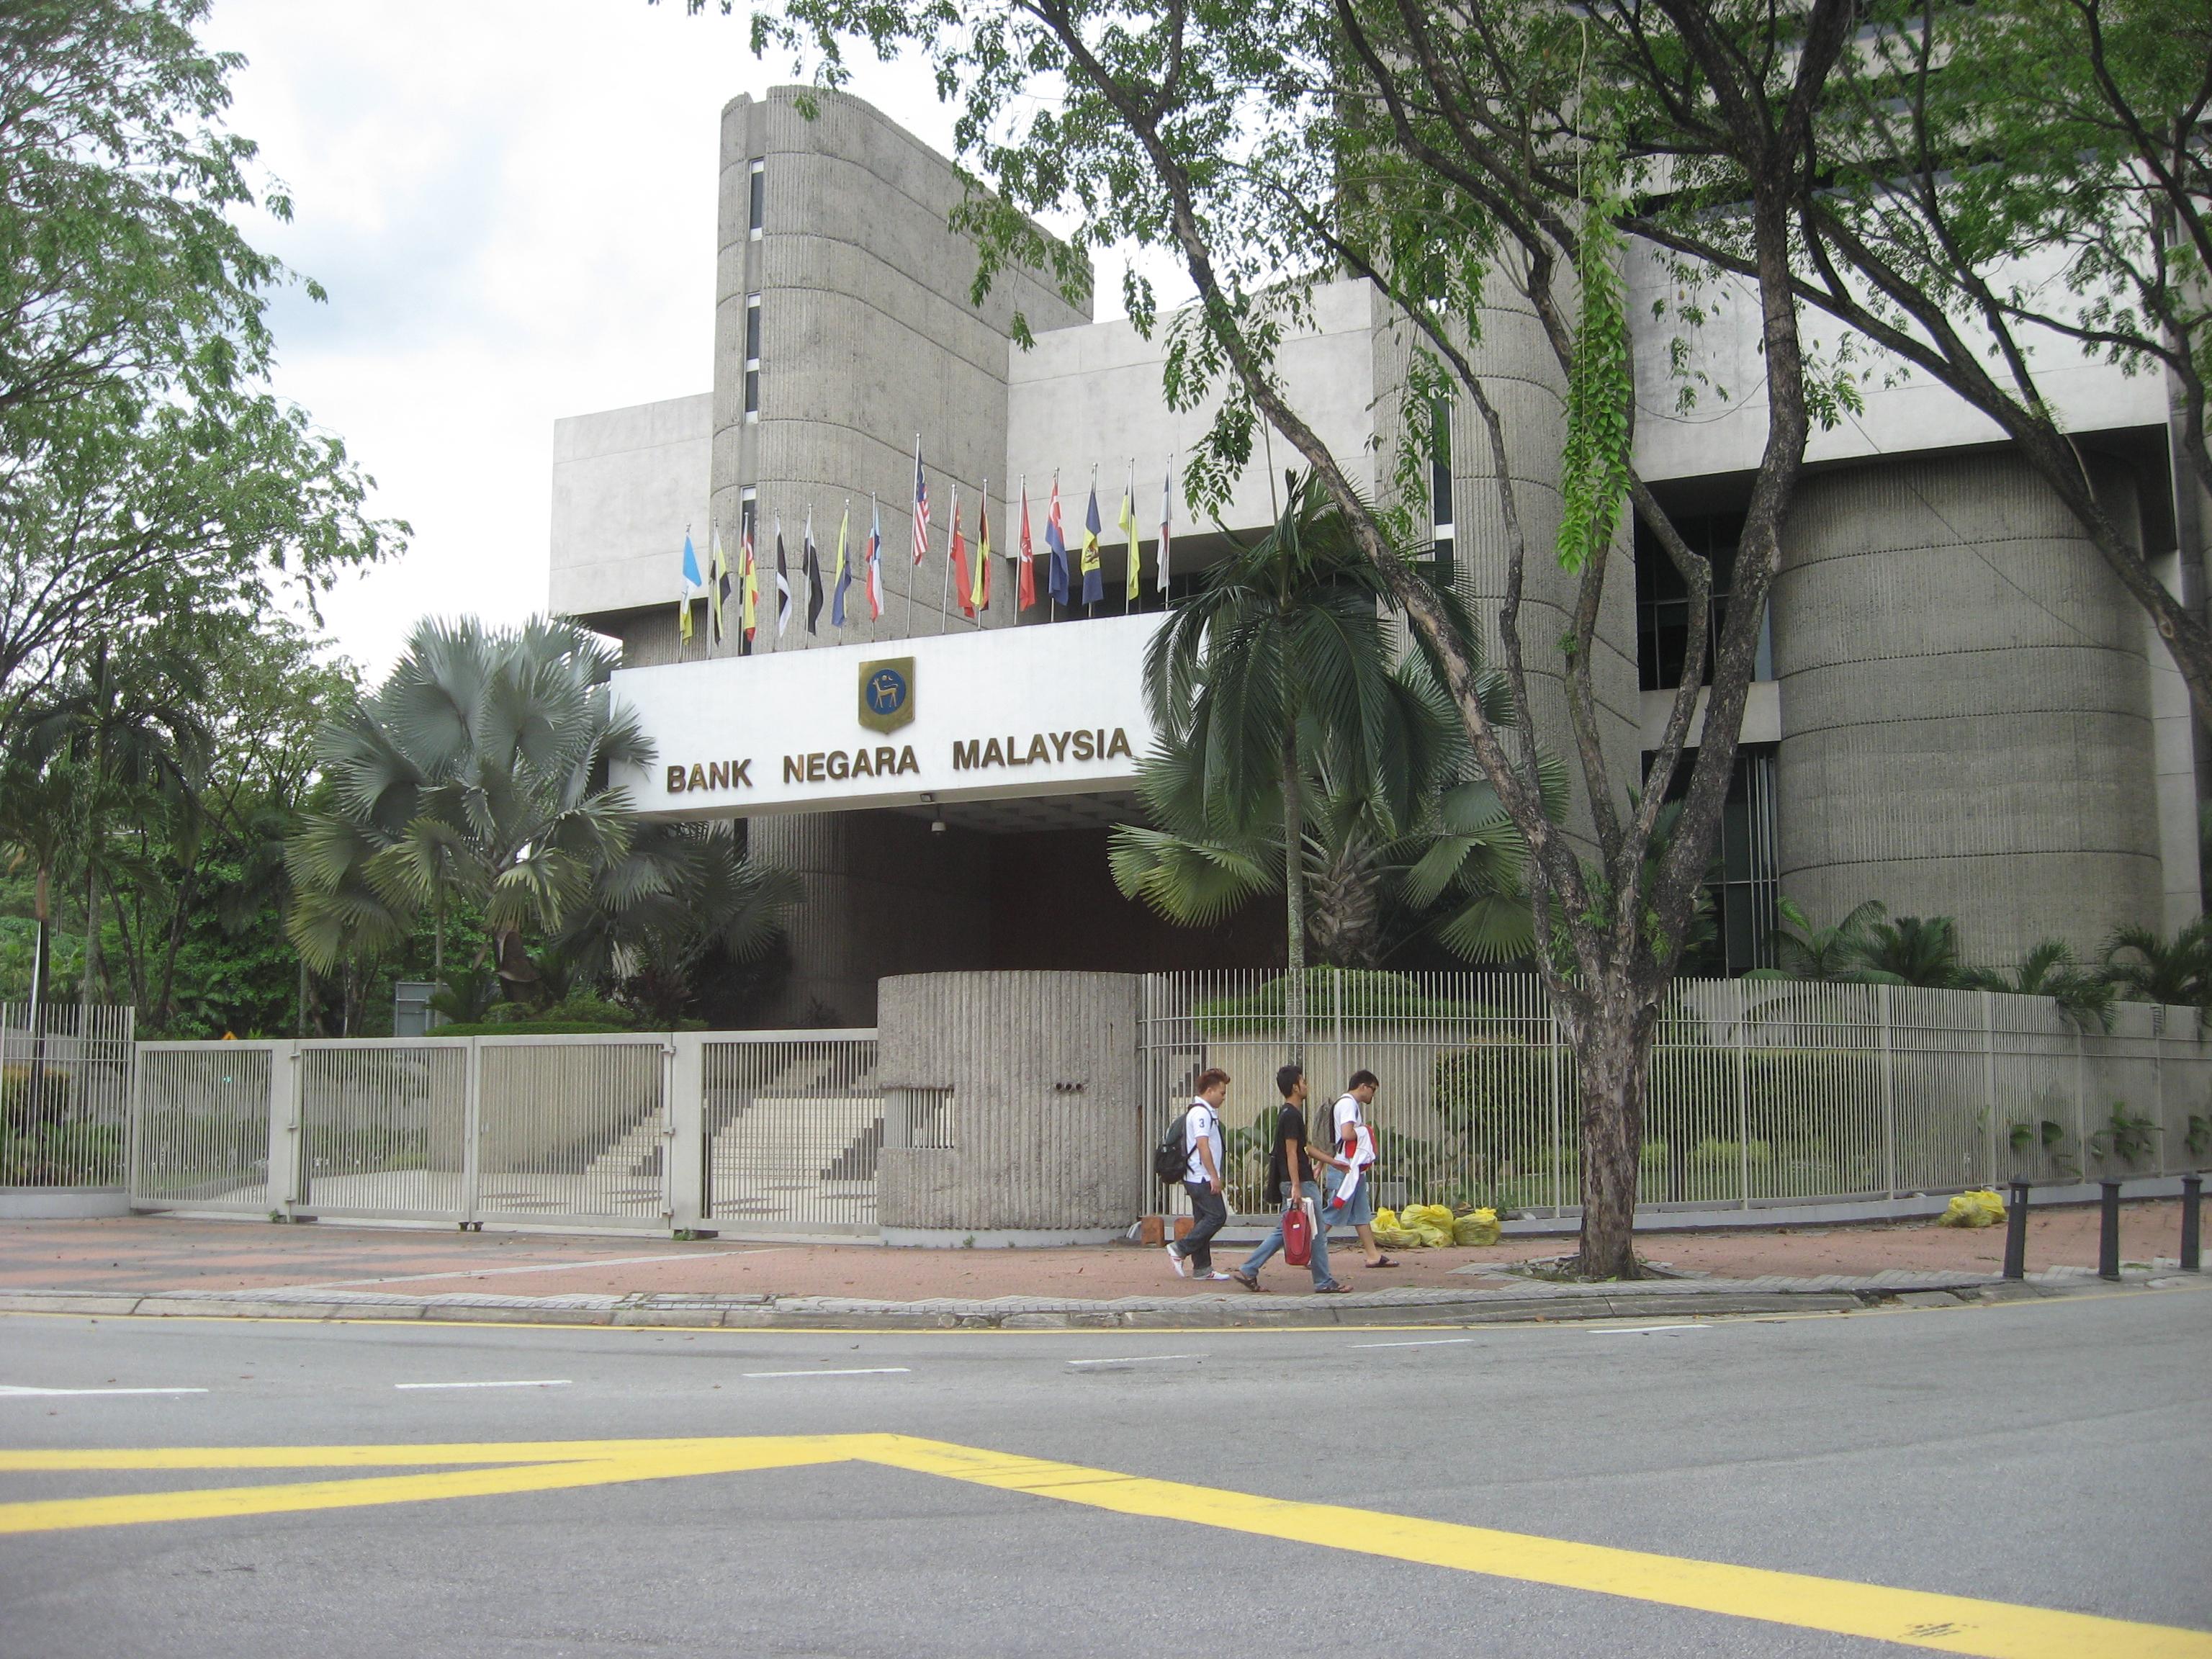 Description bank negara malaysia